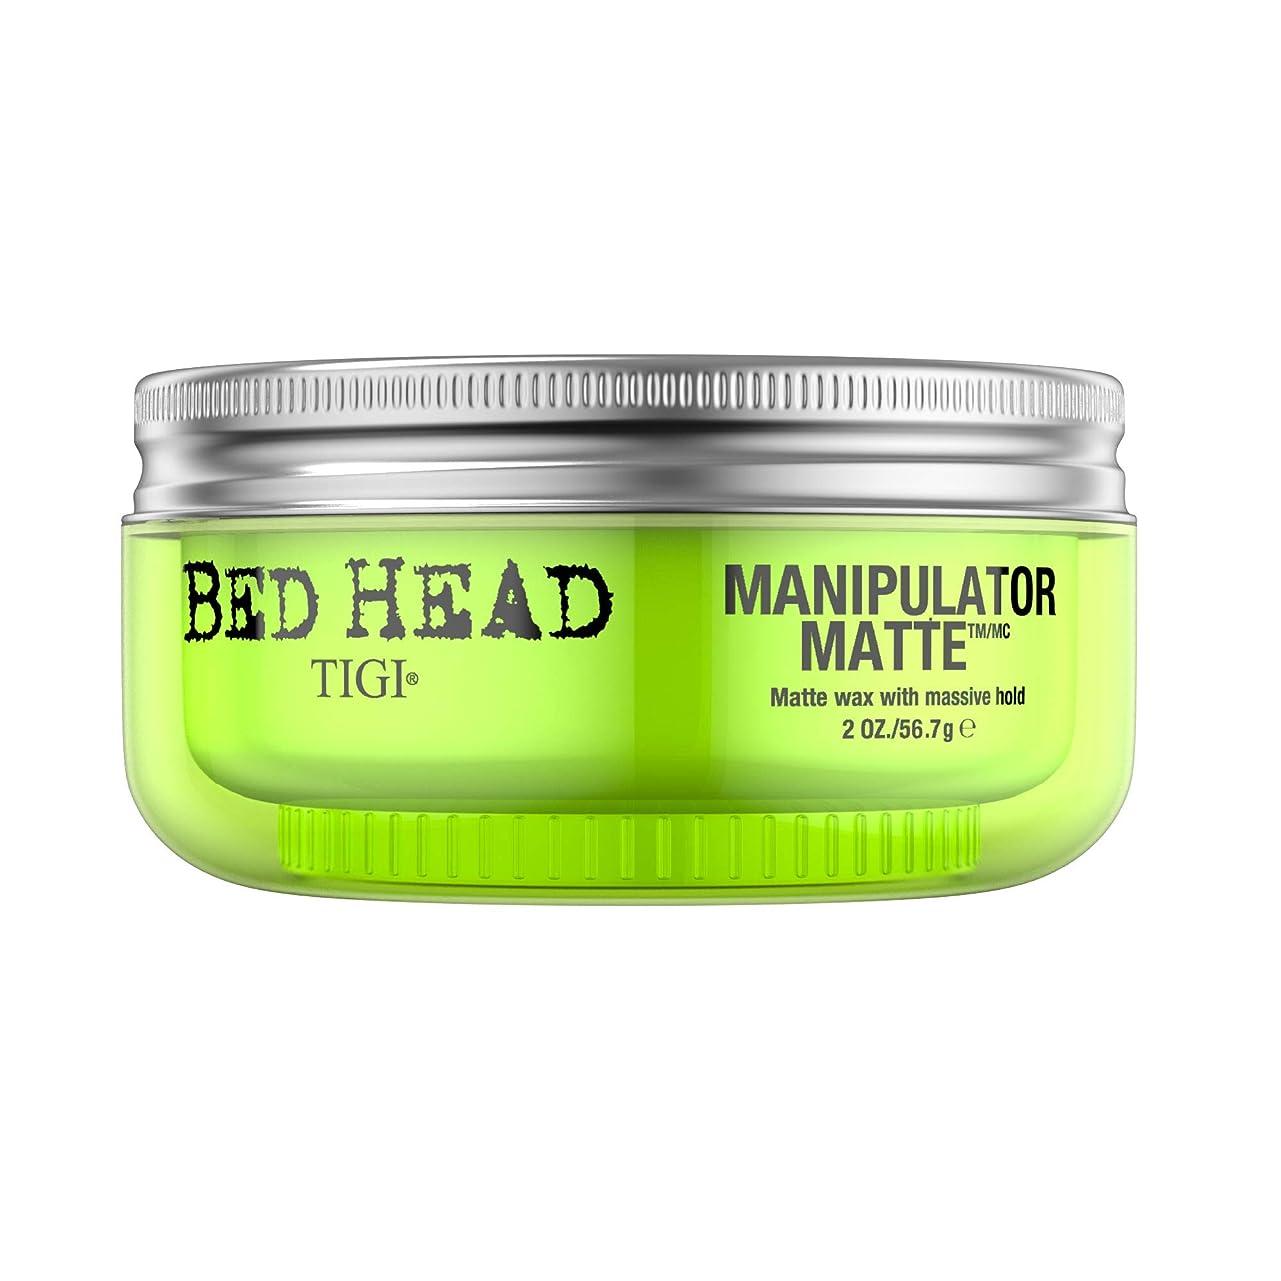 日曜日伴う着実にティジー Bed Head Manipulator Matte - Matte Wax with Massive Hold 57.2g/2oz [海外直送品]